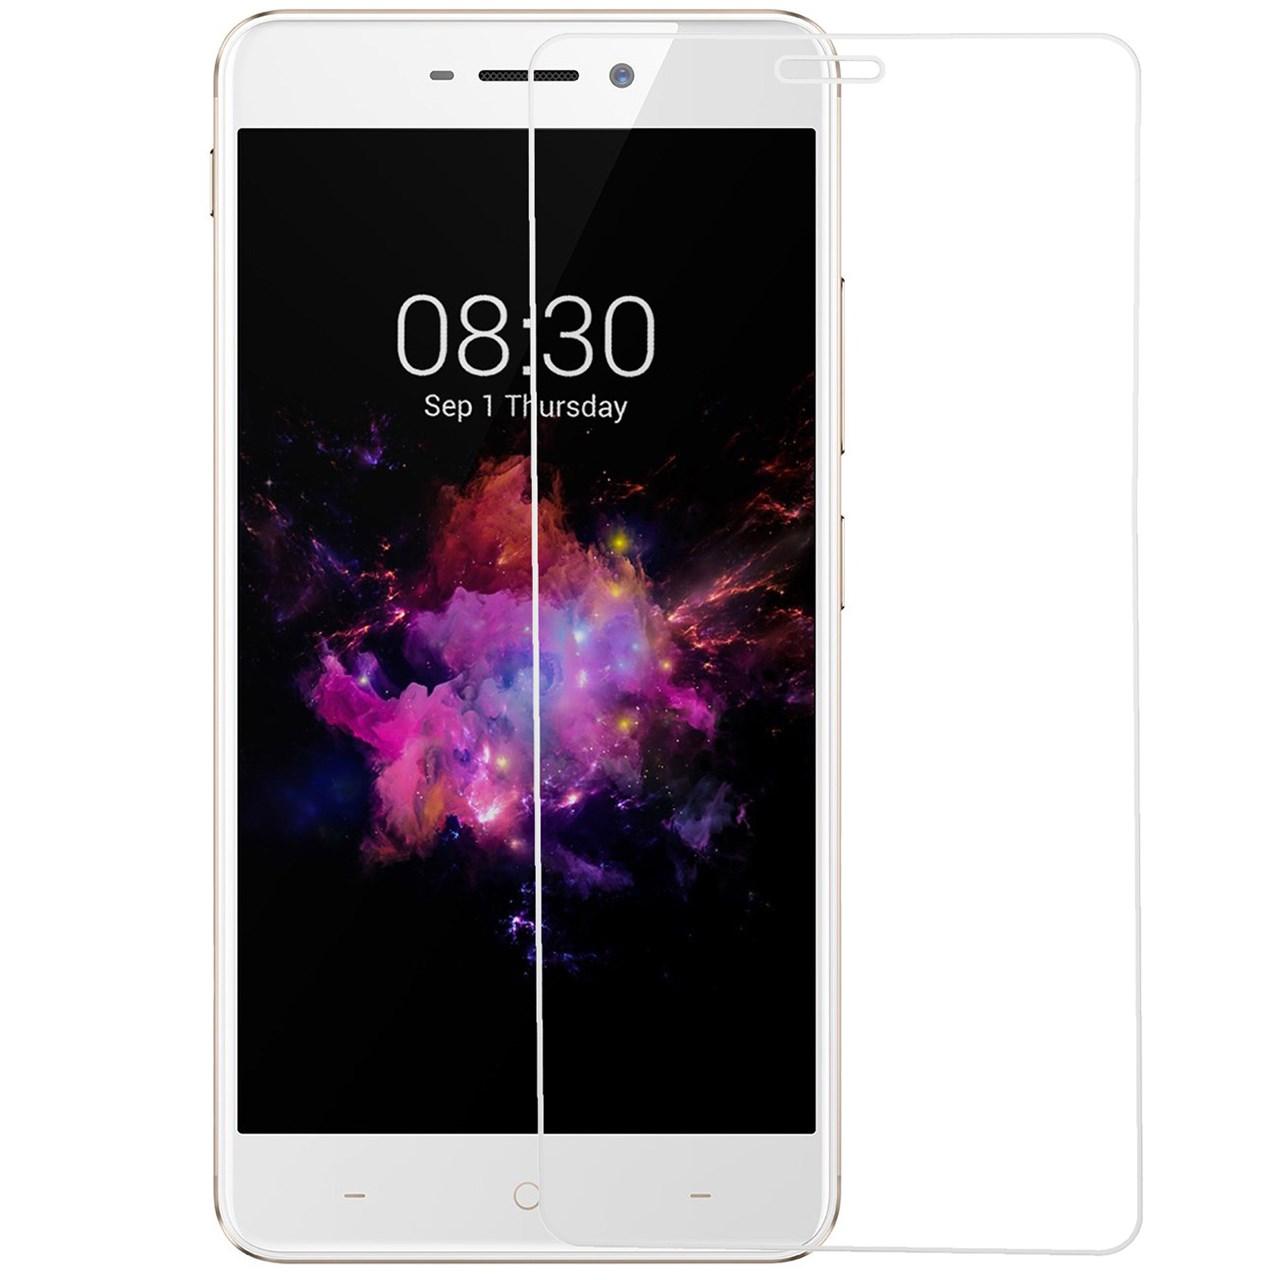 محافظ صفحه نمایش مناسب برای گوشی موبایل تی پی لینک Neffos X1